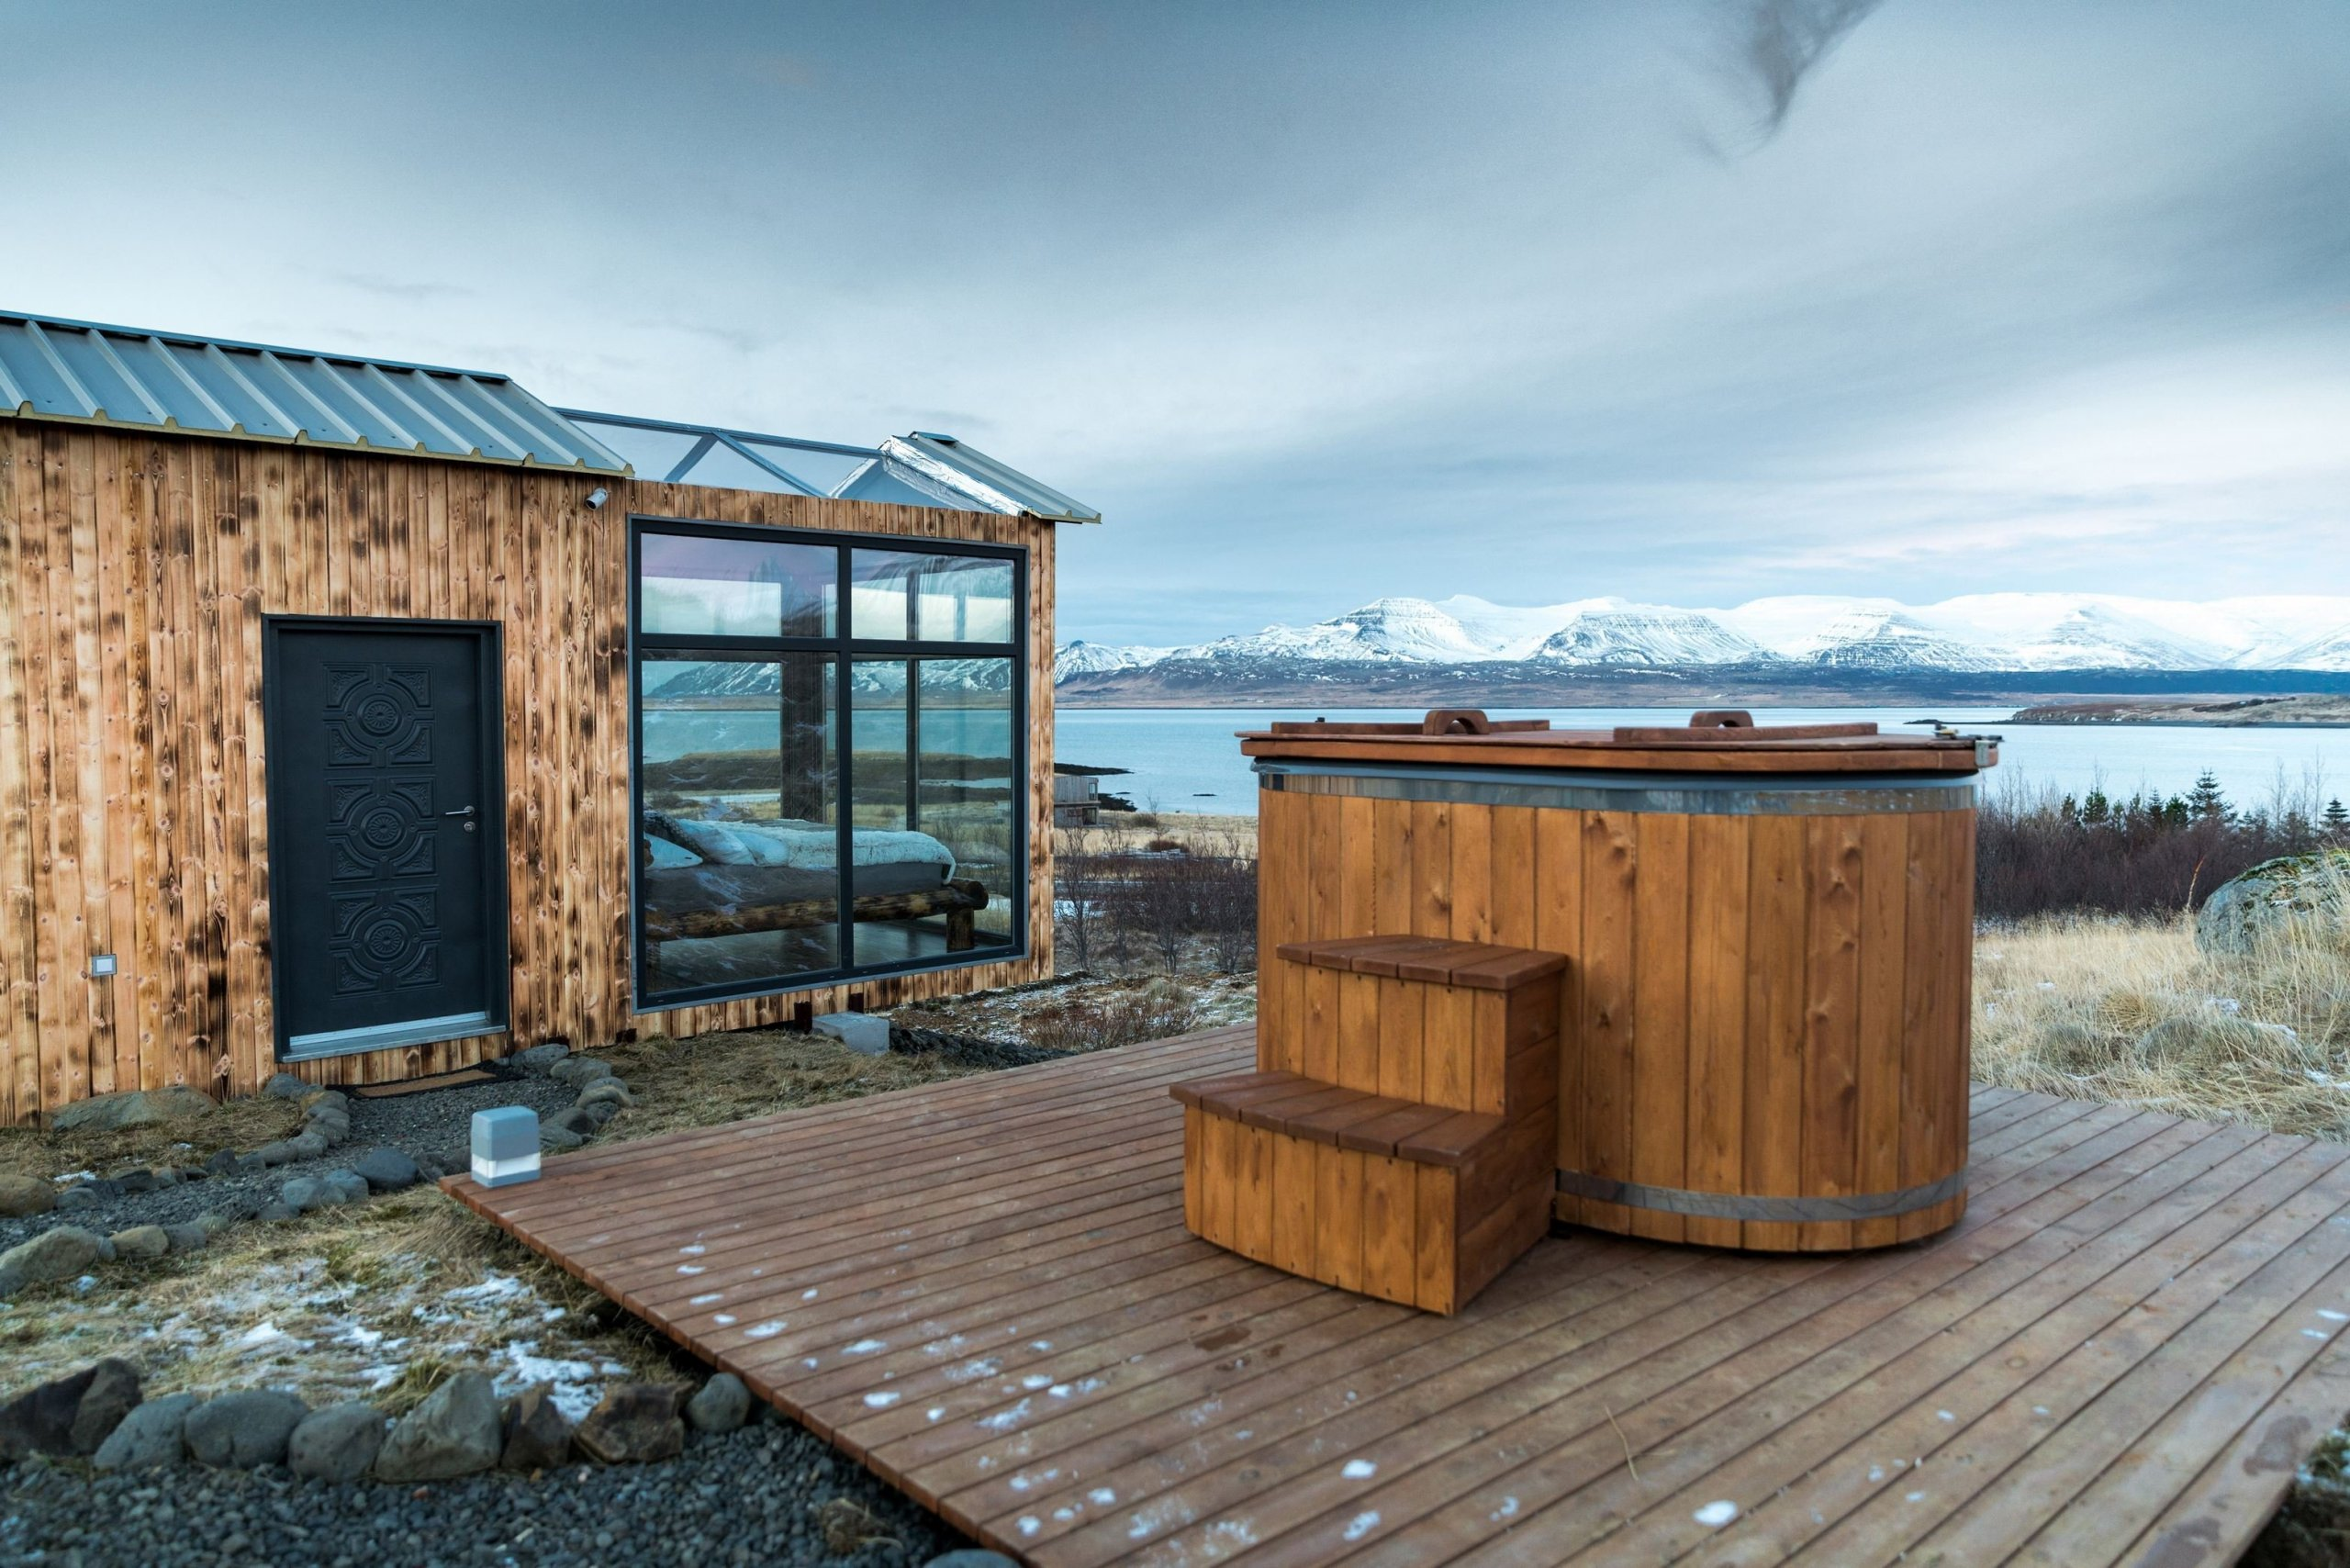 Prosklená chata na Islandu pro milovníky polární záře